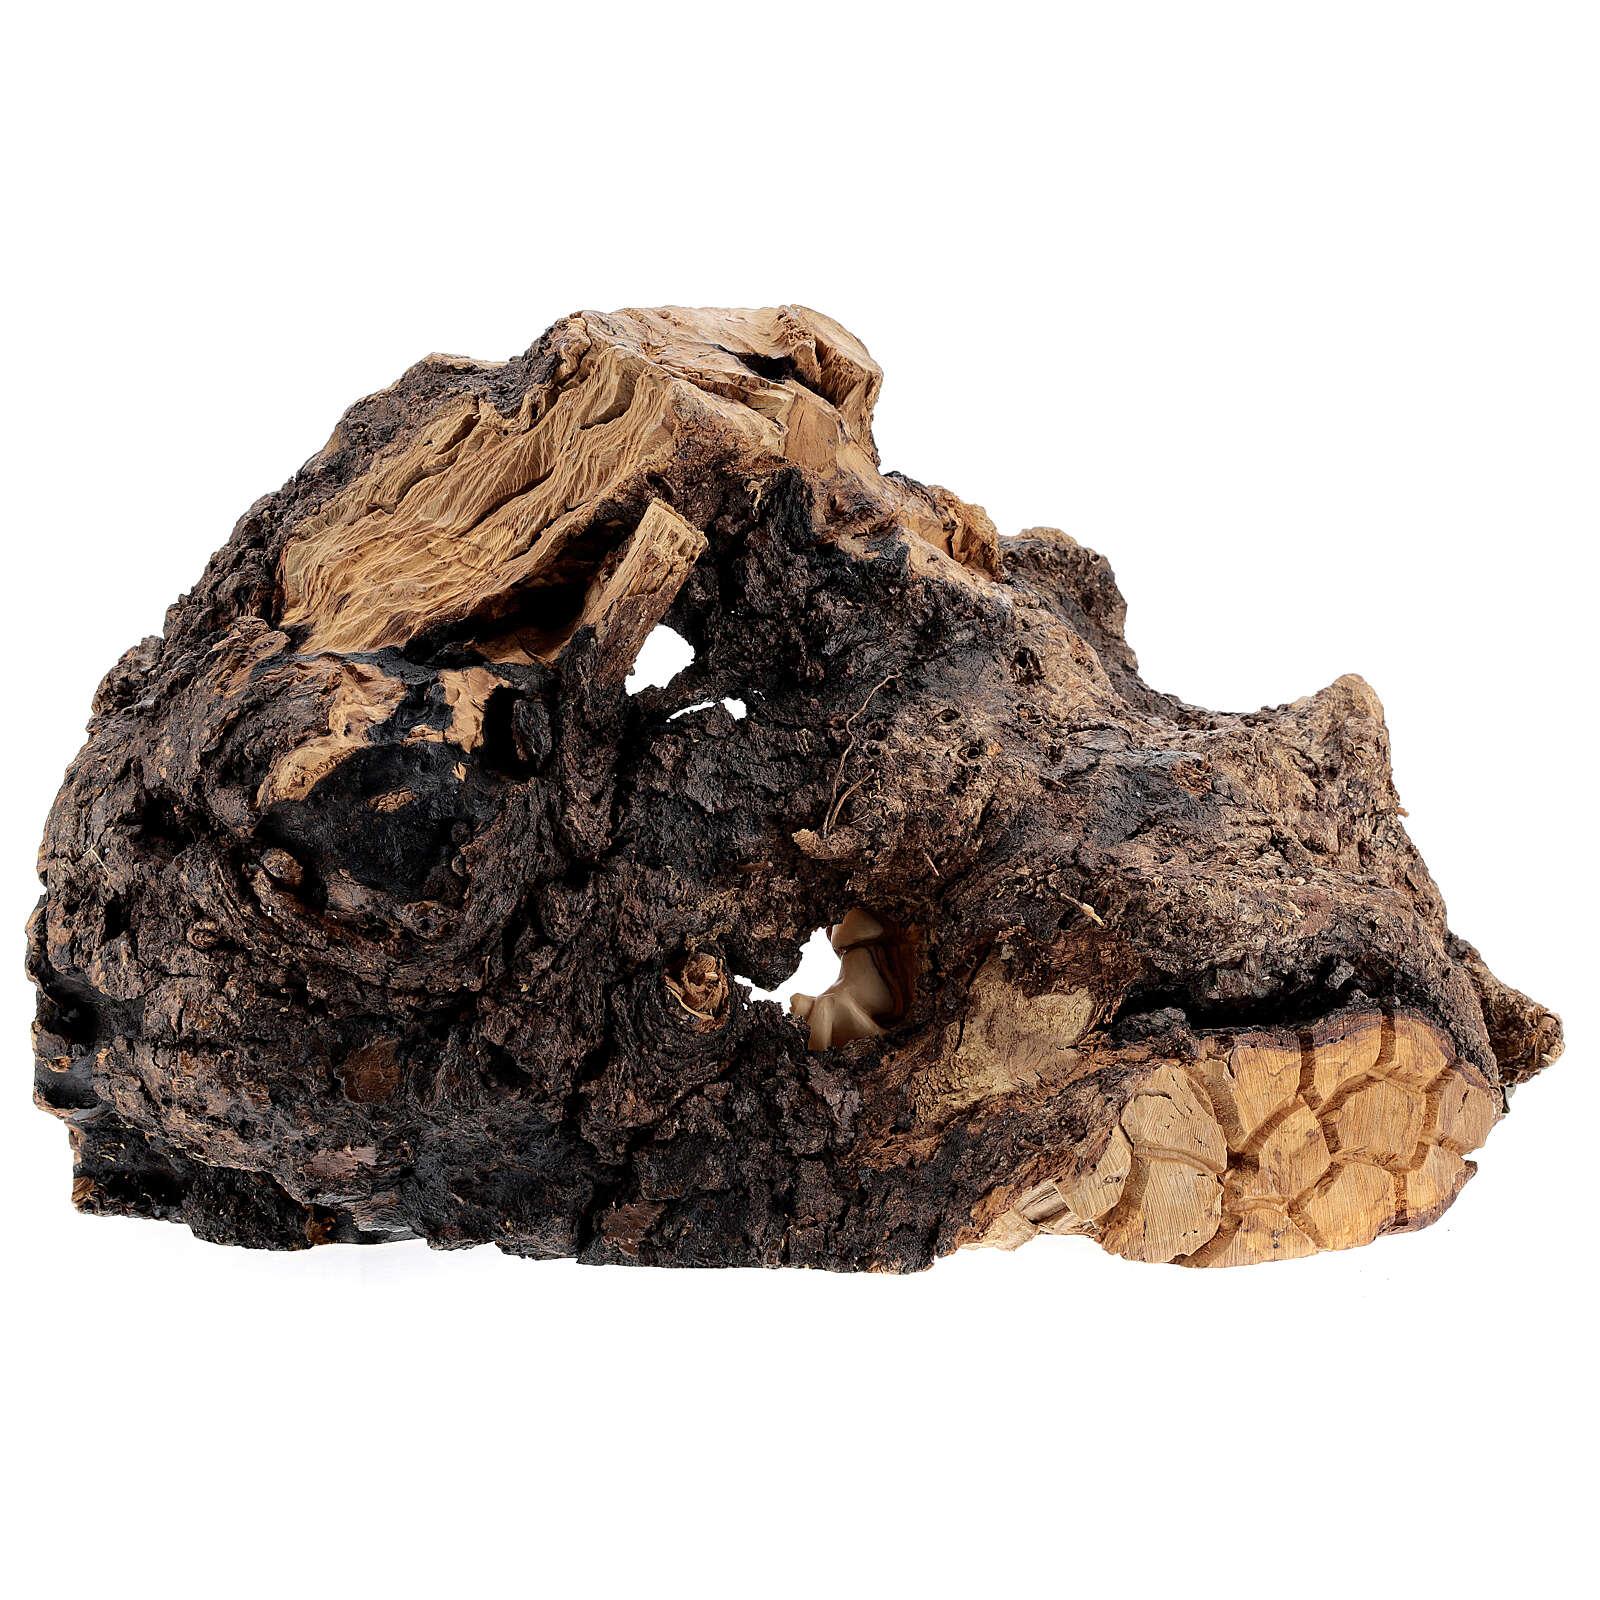 Cabaña madera natural Natividad 10 cm olivo Belén 20x35x15 cm 4